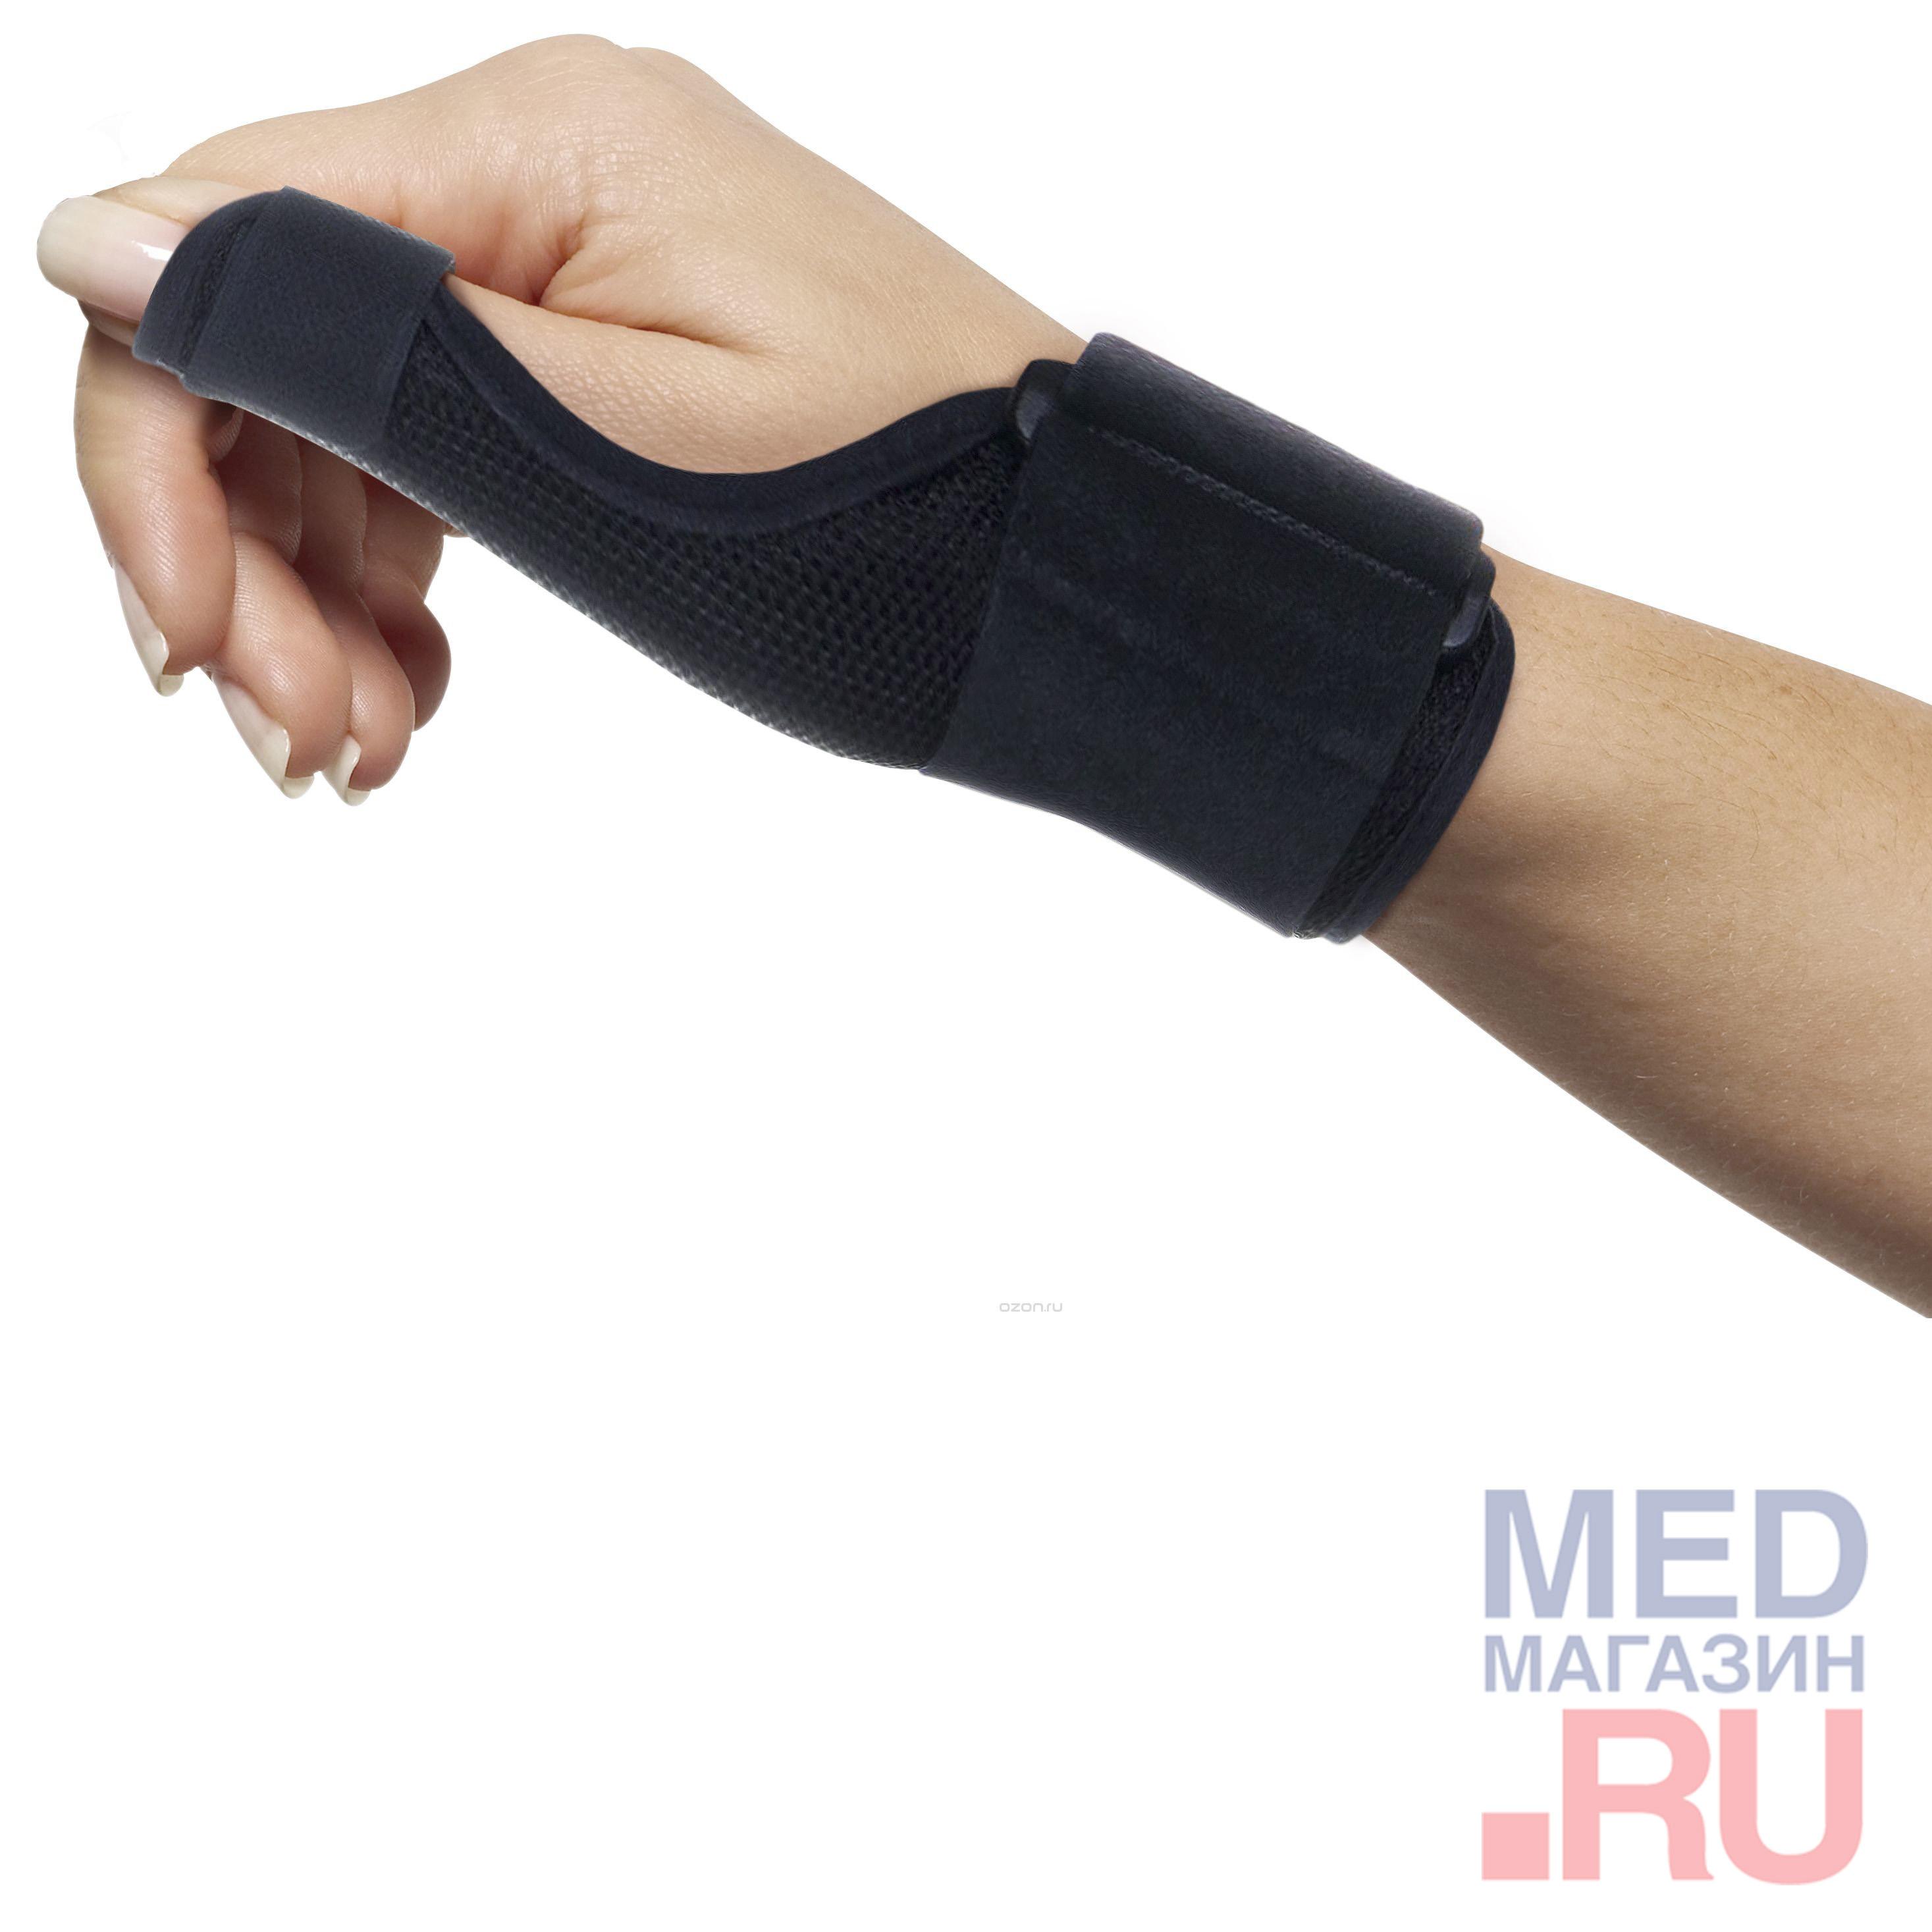 FS-101 Бандаж компрессионный фиксирующий верхних конечностей на лучезапястный сустав  (XL, Чёрный)